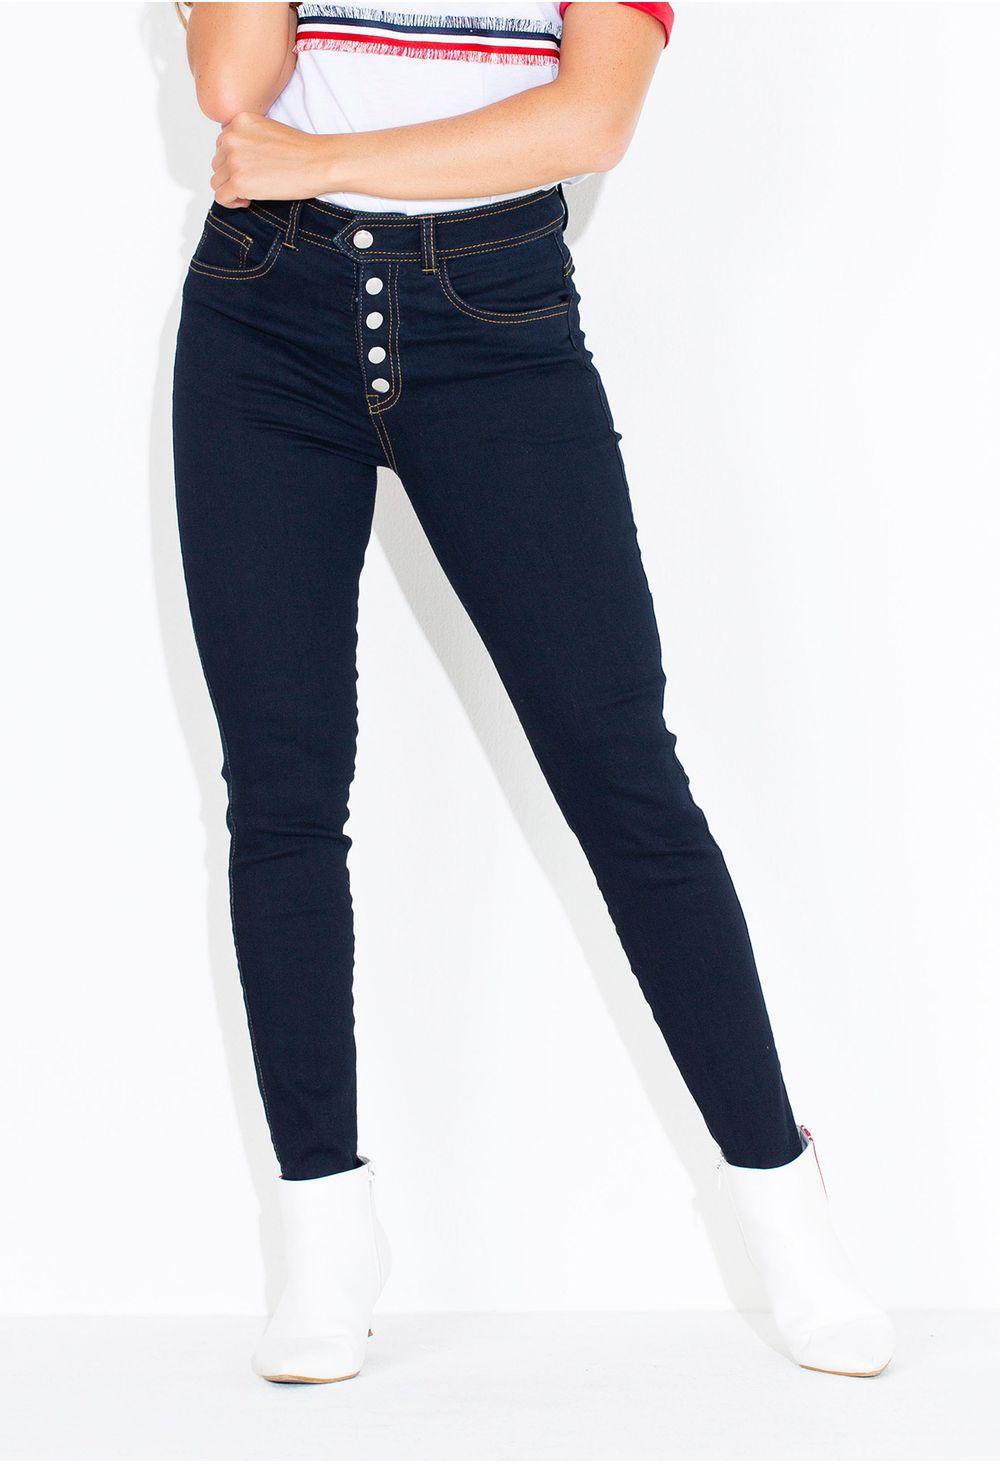 7544243535c Jeans Skinny Con Botones Expuestos Azul E135910 - ELA